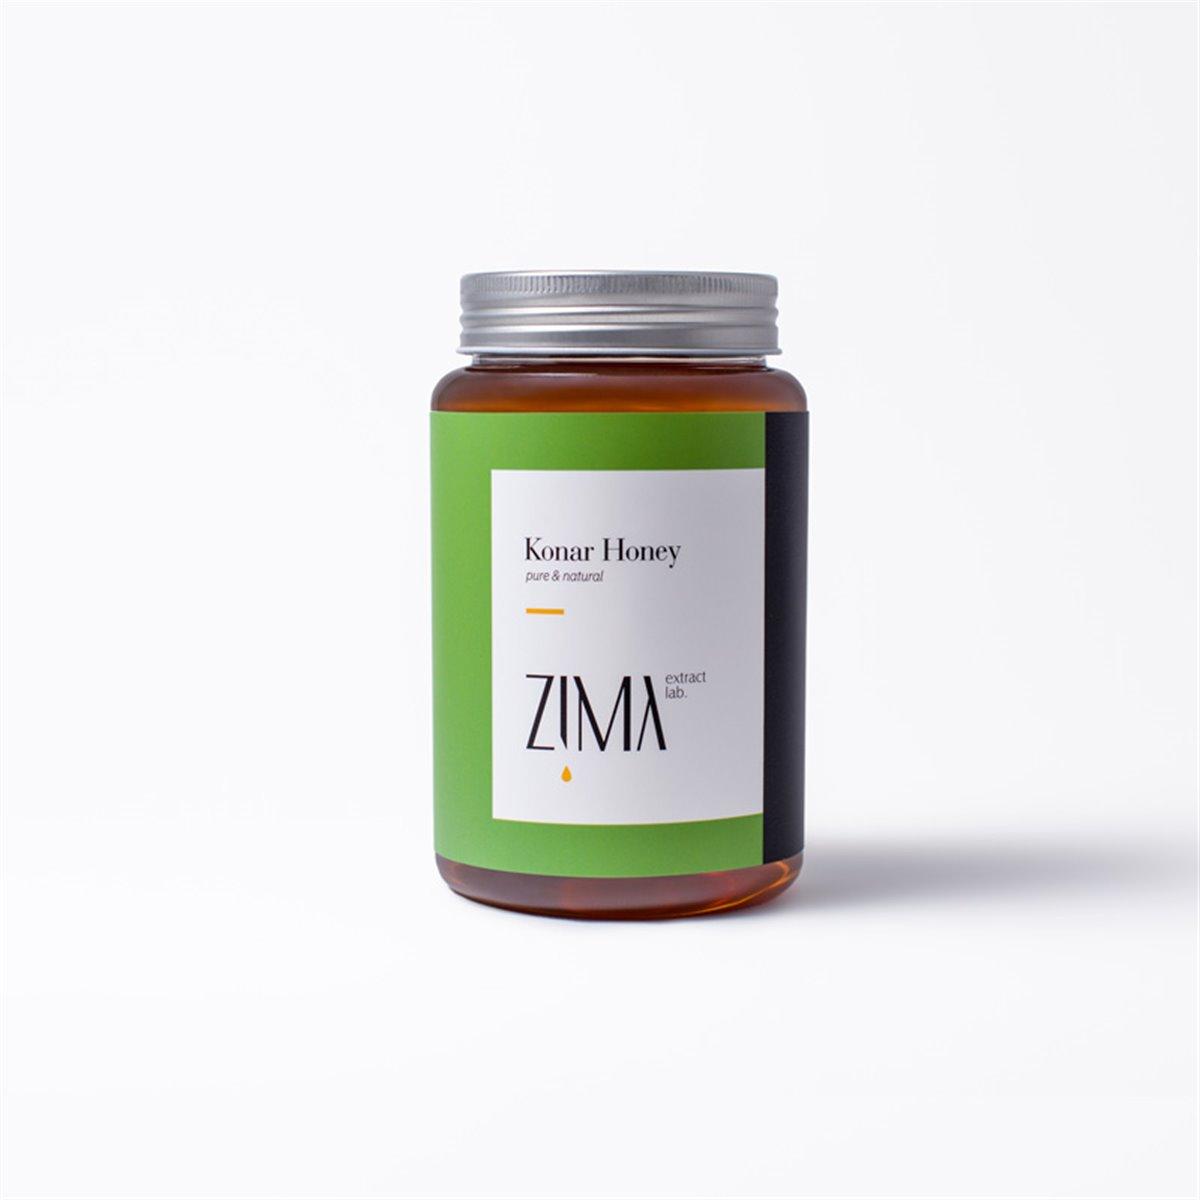 کمک به پیشگیری و درمان بسیاری از بیماری ها با خرید عسل کنار اصل